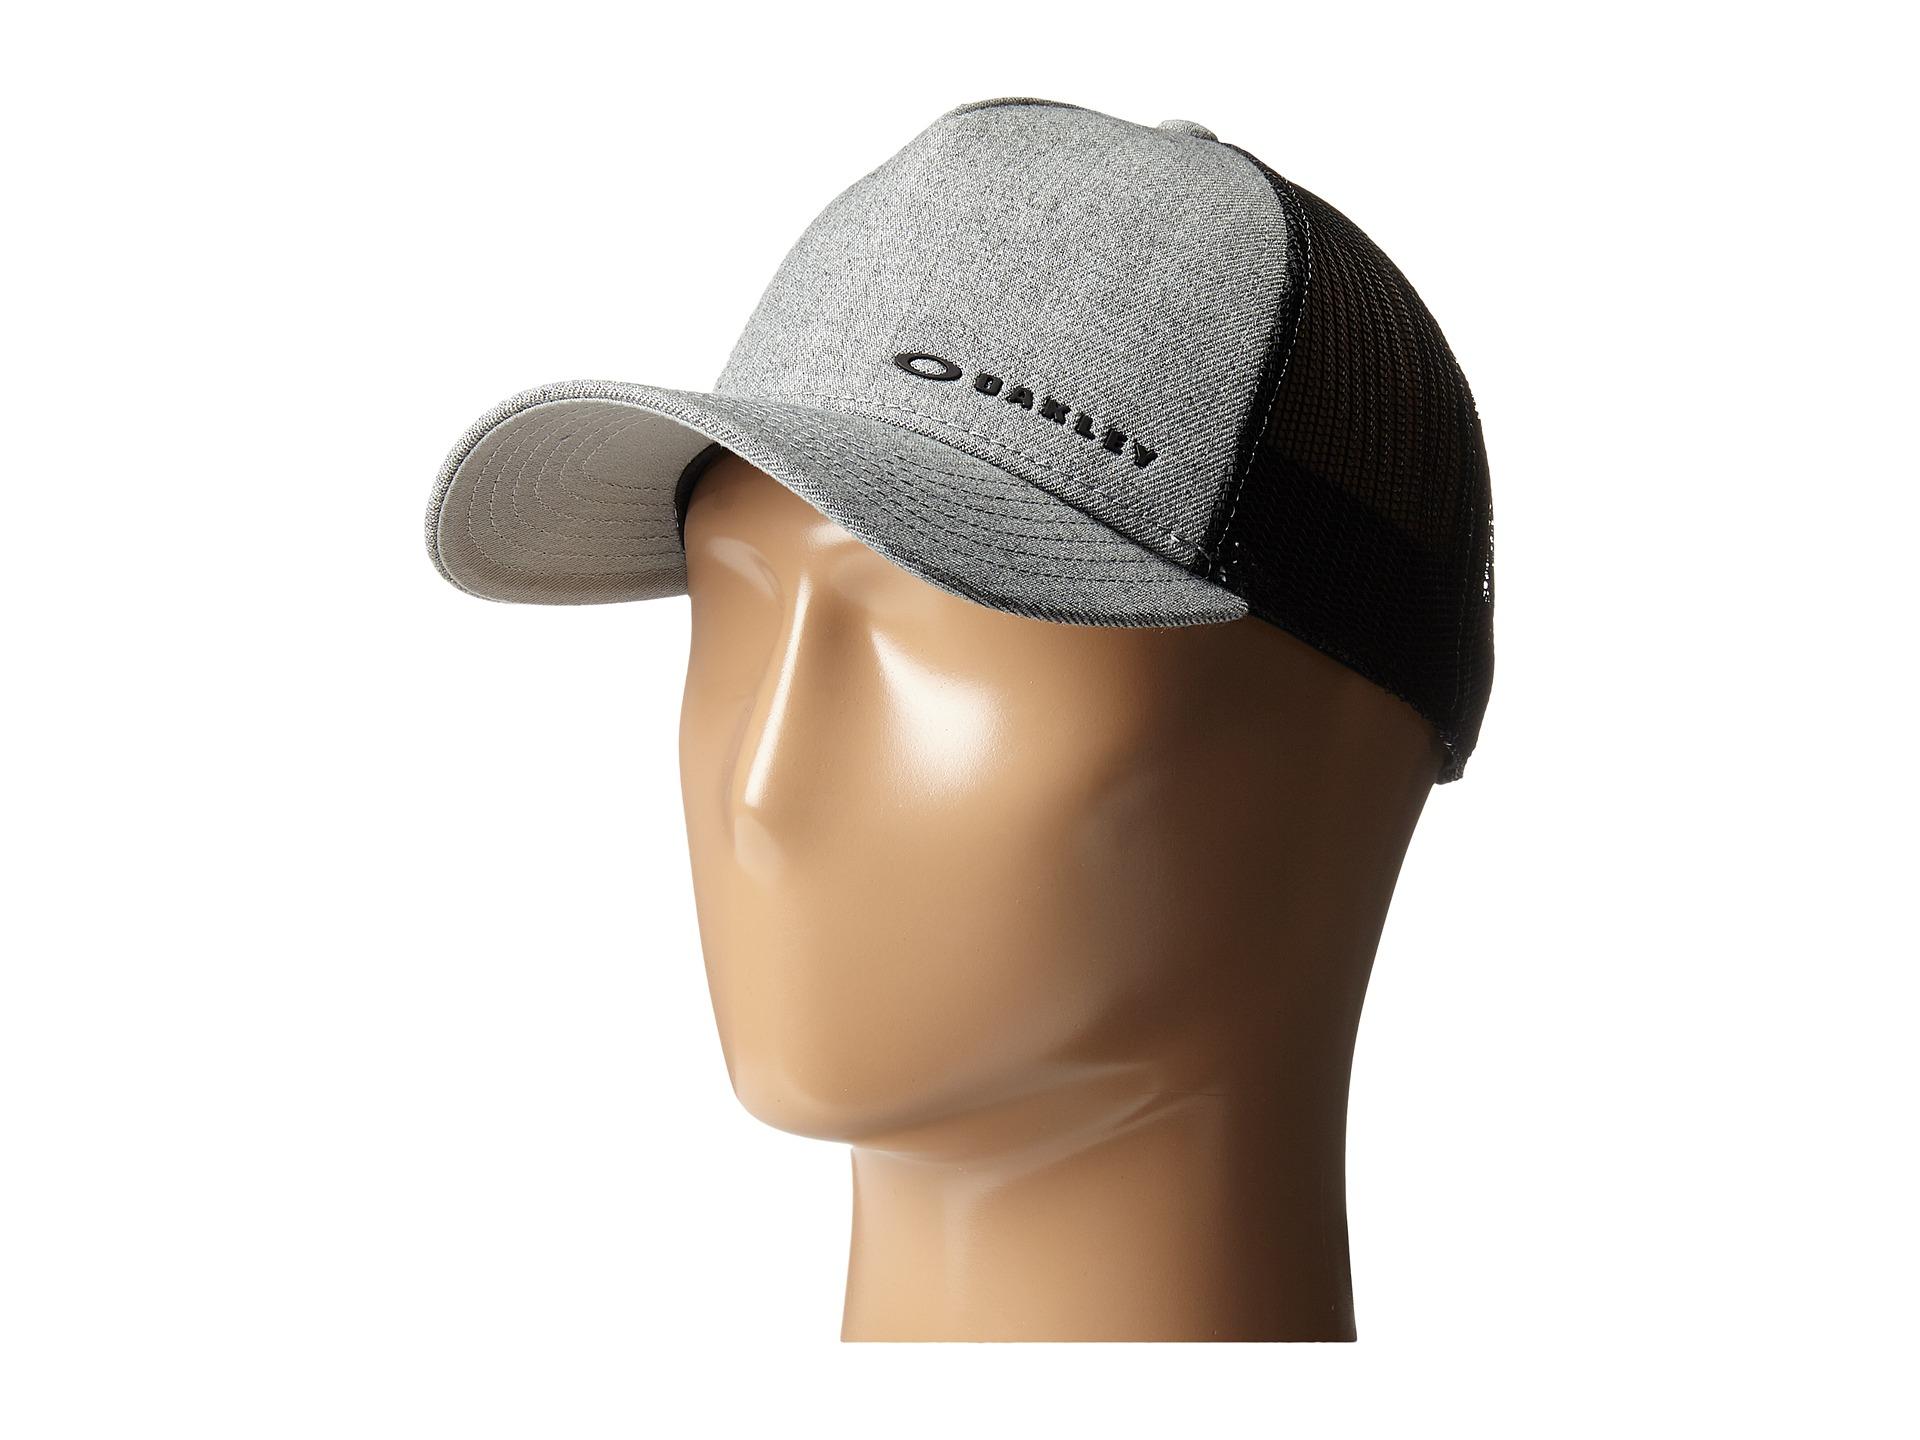 ... hot lyst oakley chalten hat in gray for men 20d1e 37f59 daf5f30bd78